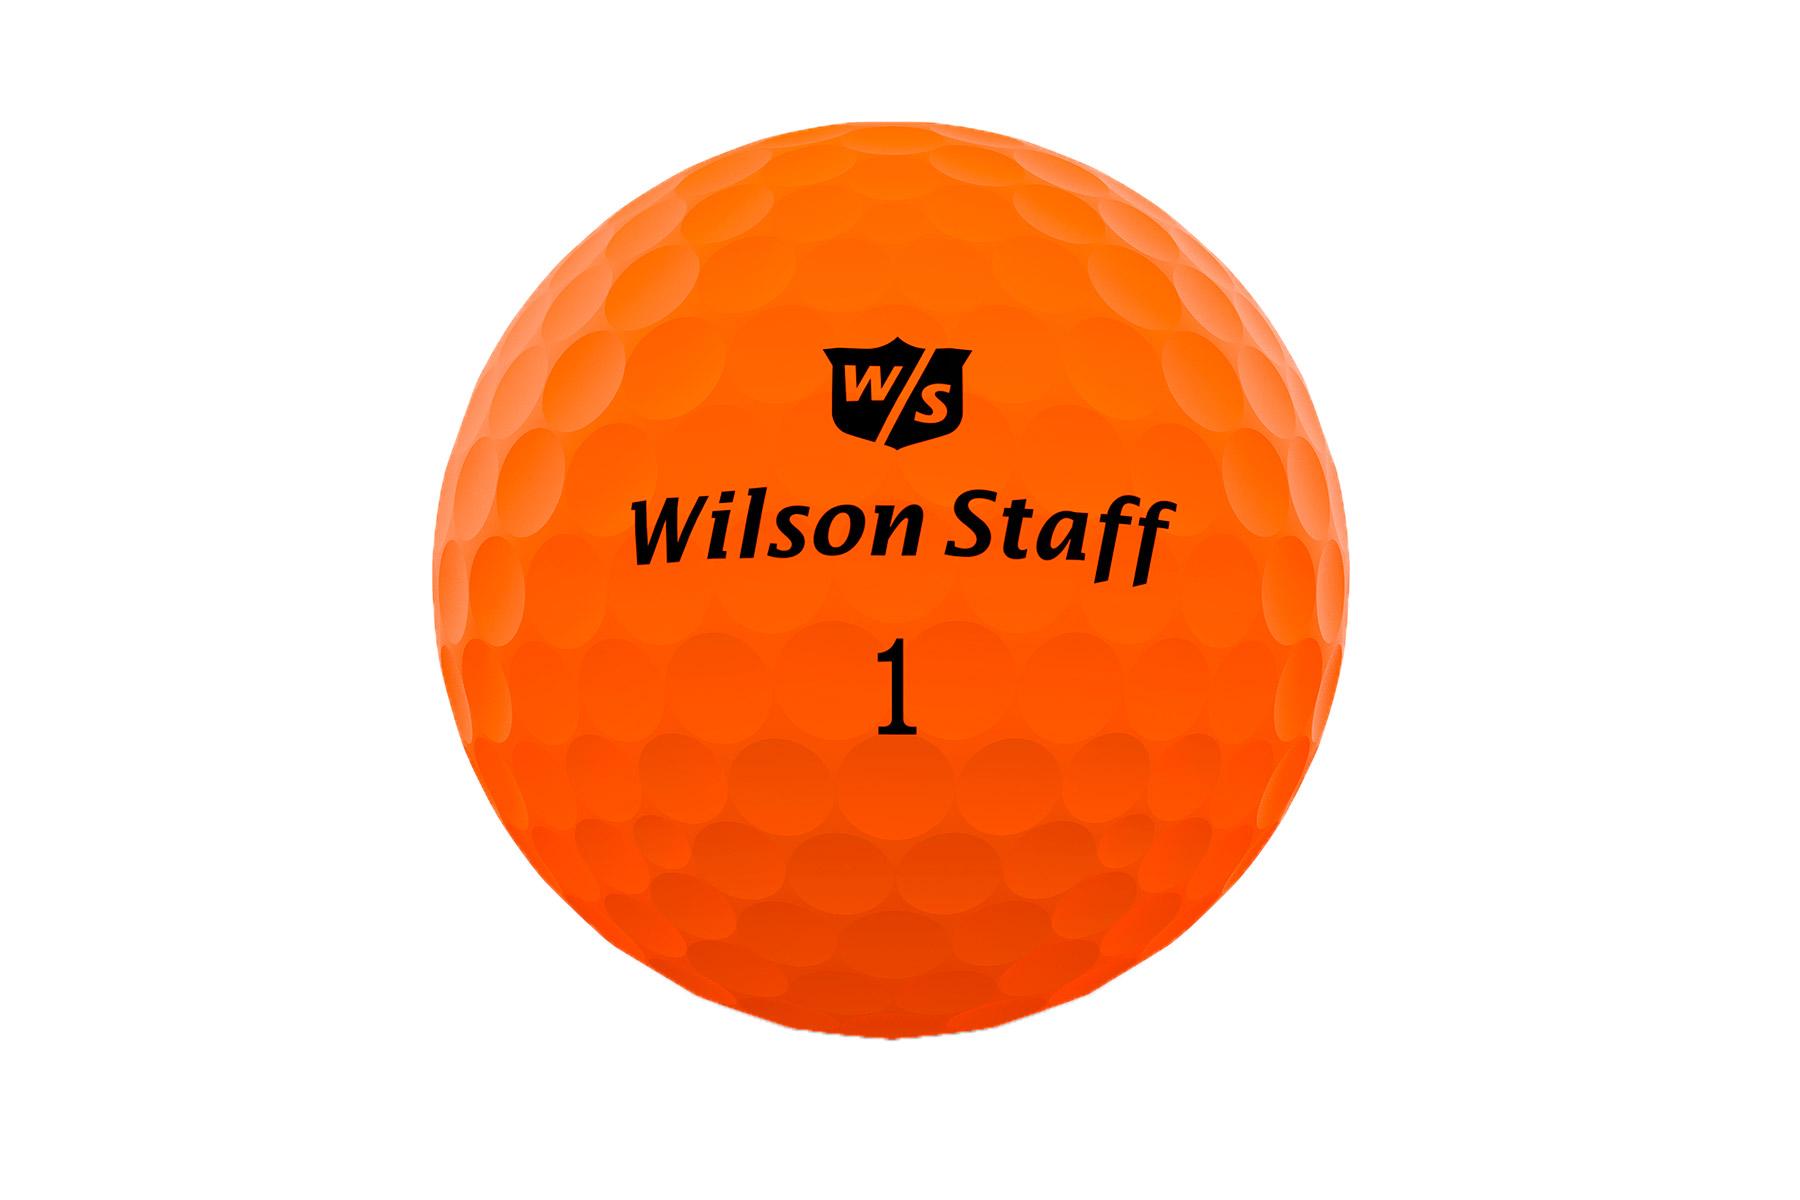 Wilson staff dx optix ball pack from american golf